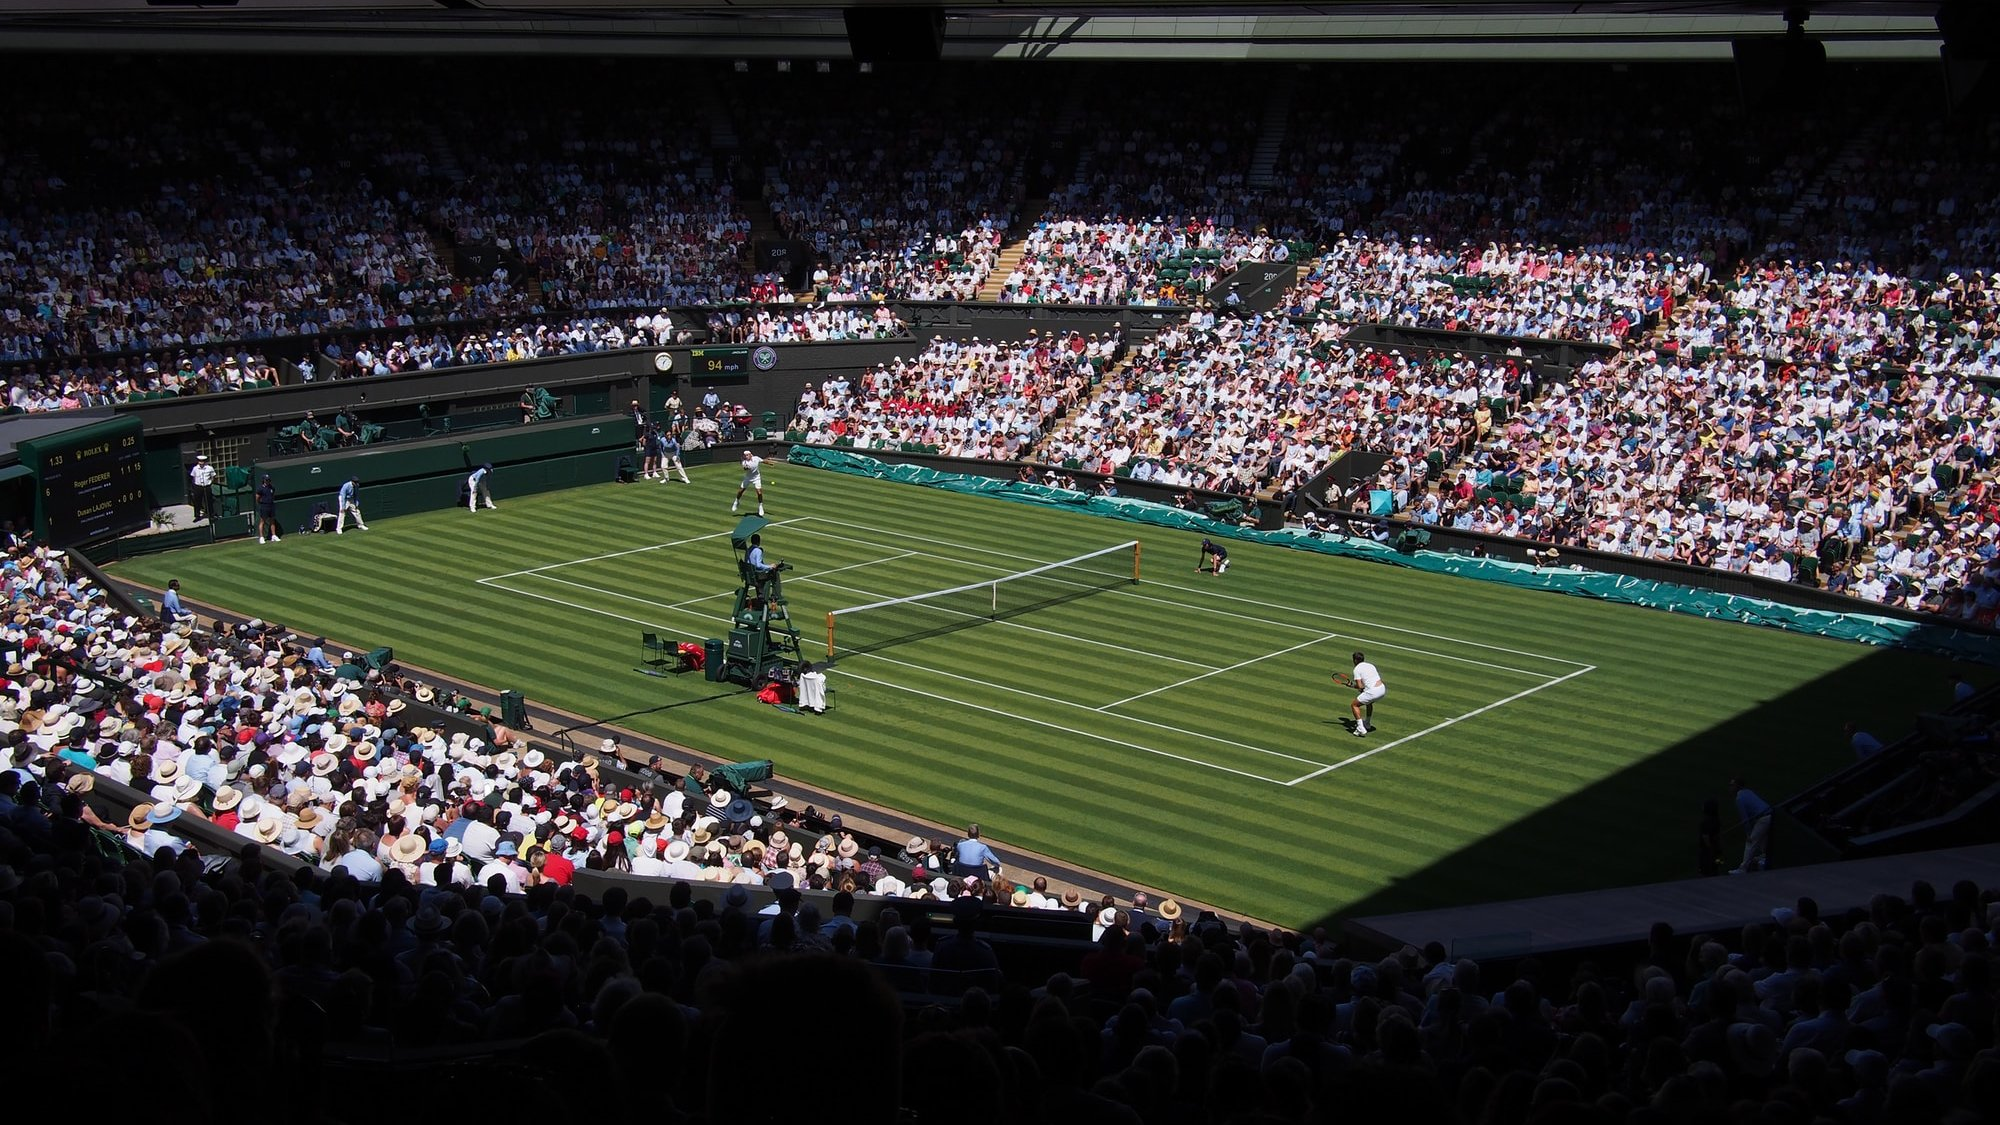 Wimbledon 2021 Men's Odds: Djokovic Favored Over Tsitsipas, Medvedev